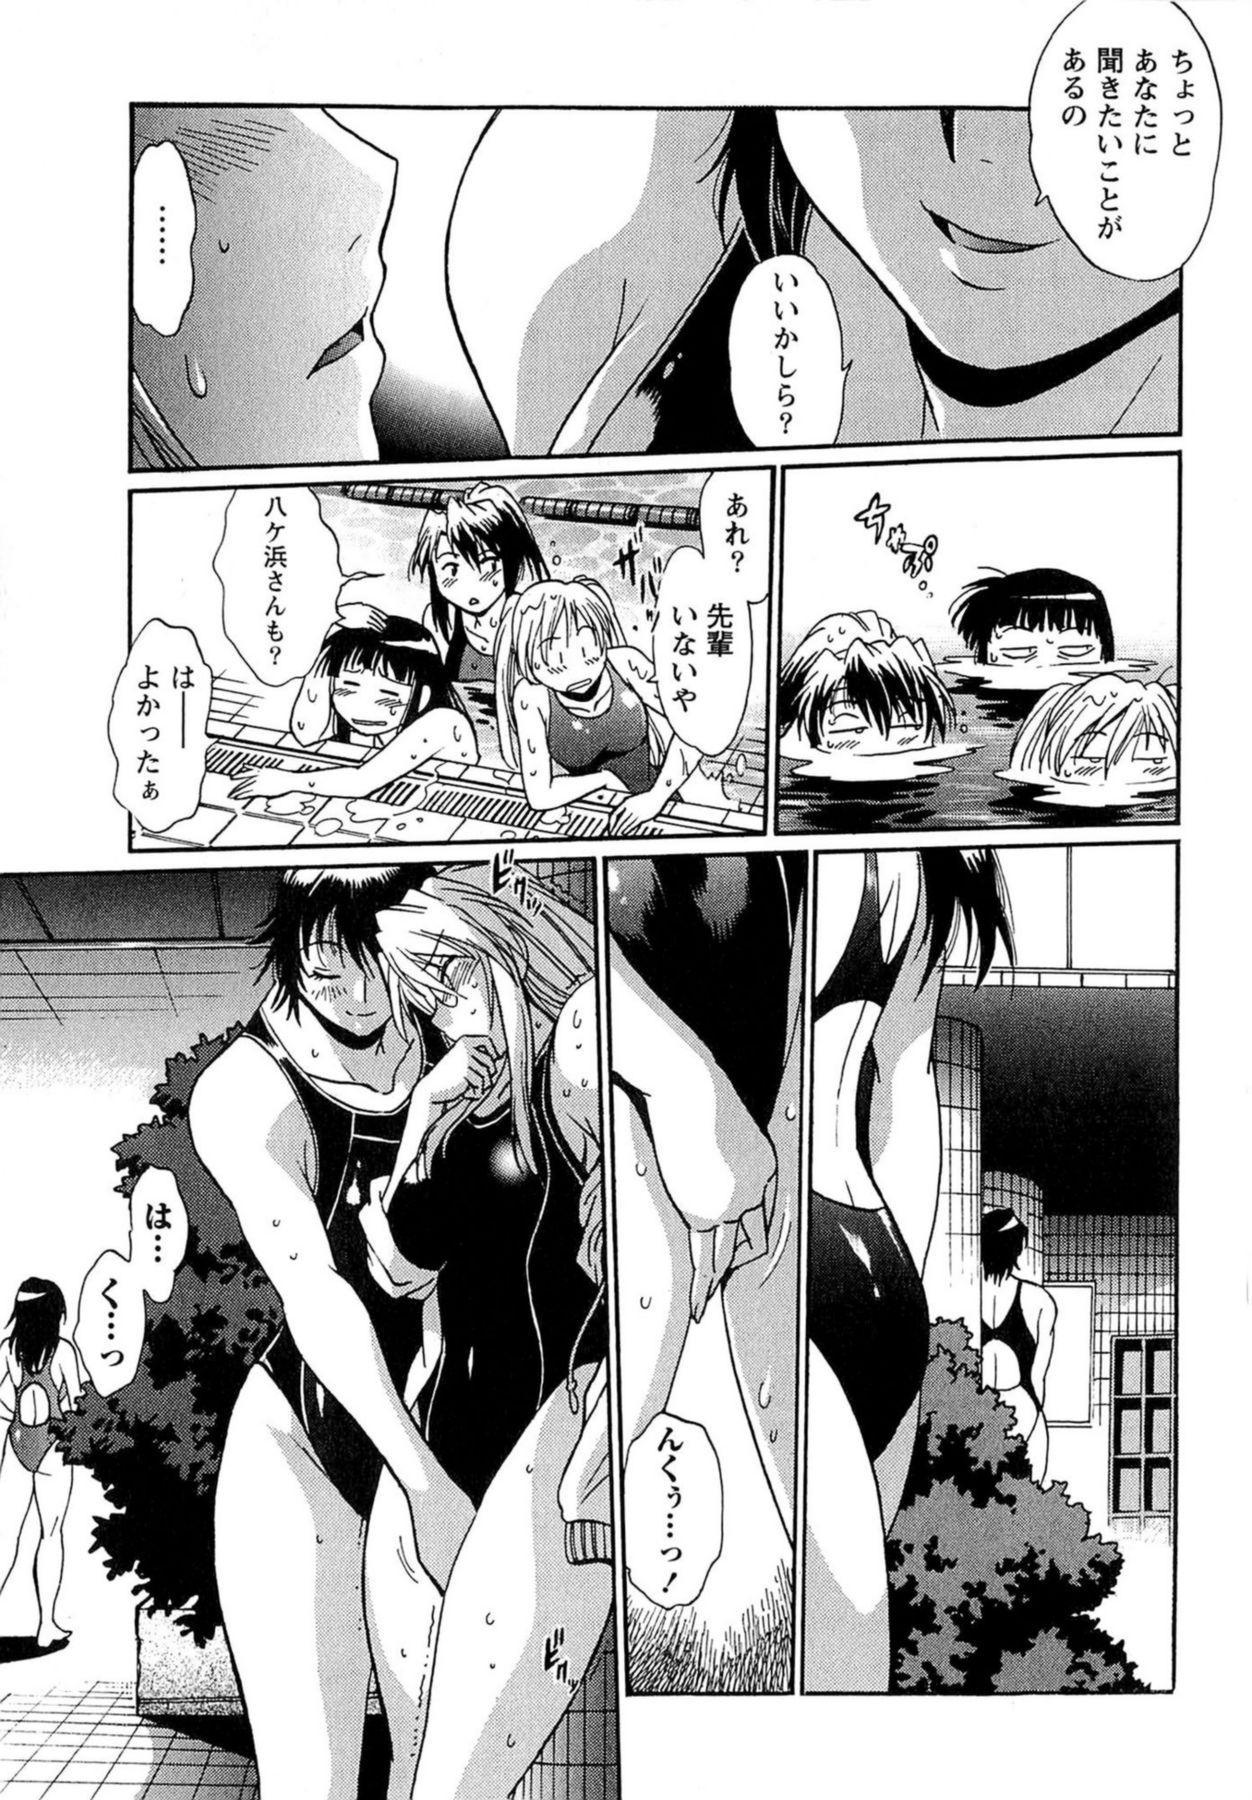 Kuikomi wo Naoshiteru Hima wa Nai! Vol. 1 169